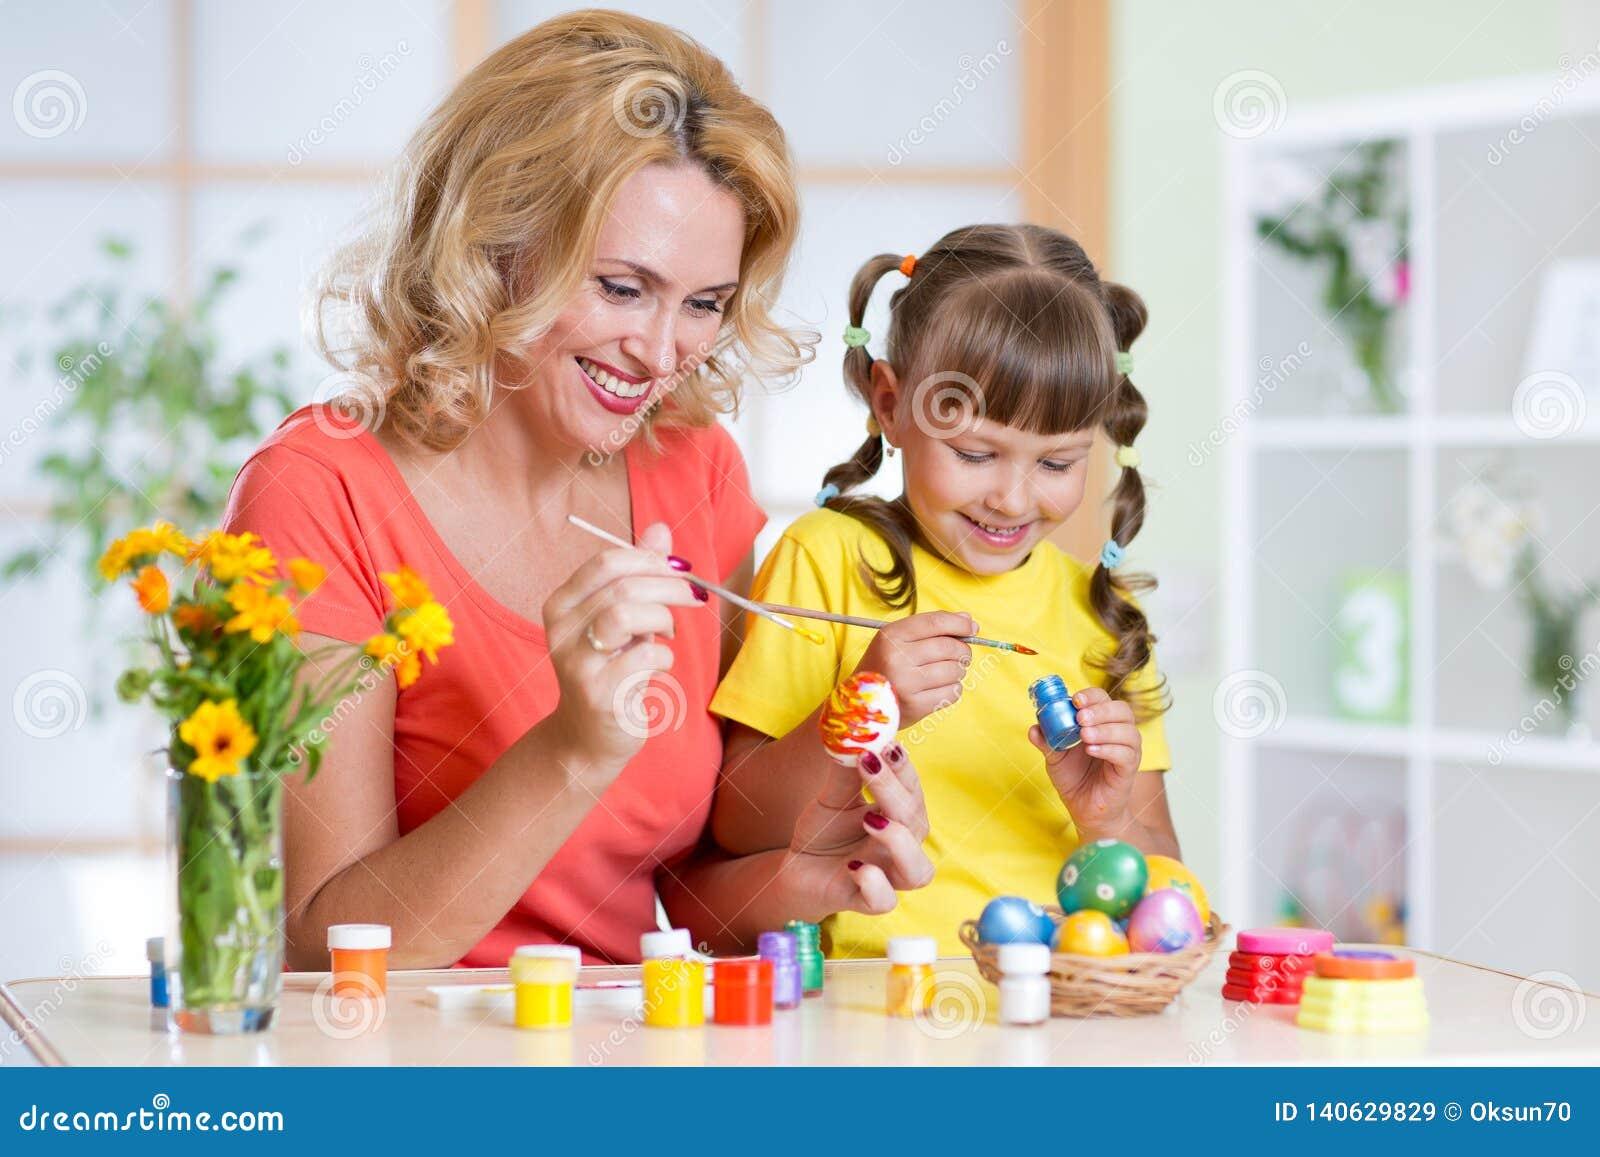 Nettes Frauen- und Kindermädchen, das zu Hause Ostereier verziert